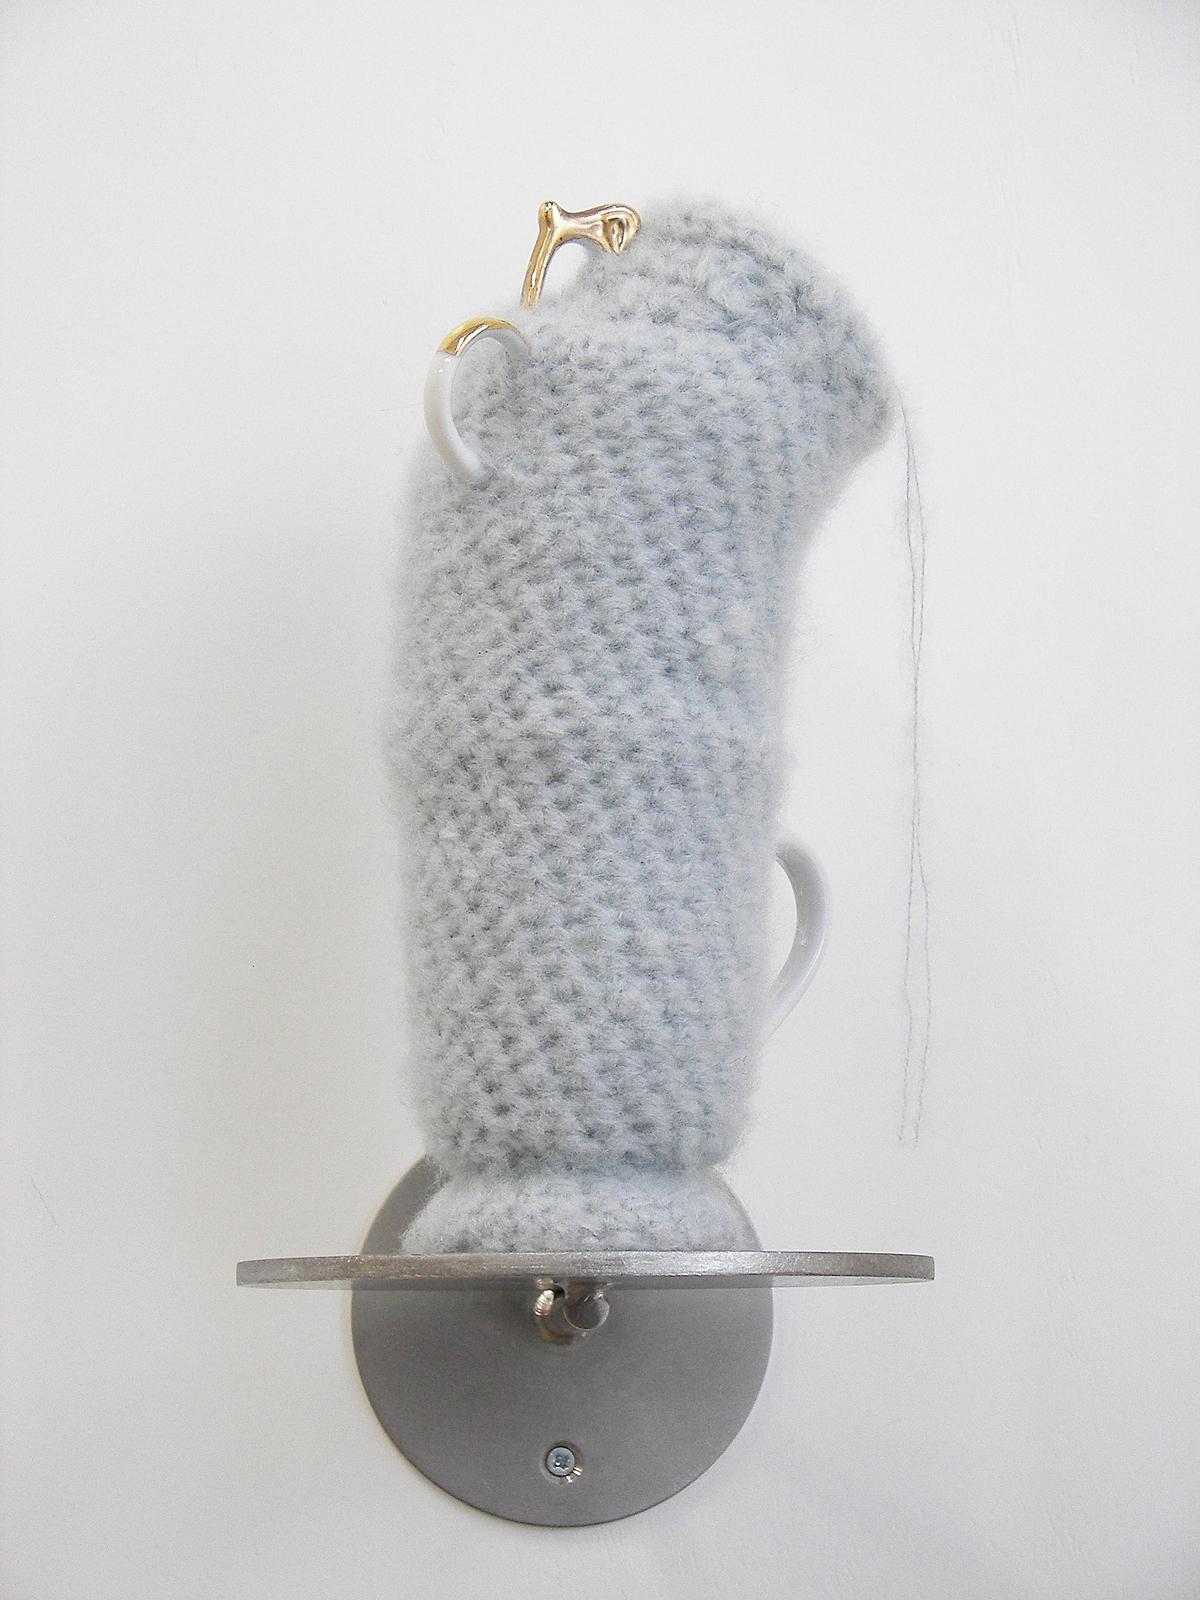 2011-zonder titel, wol, porselein